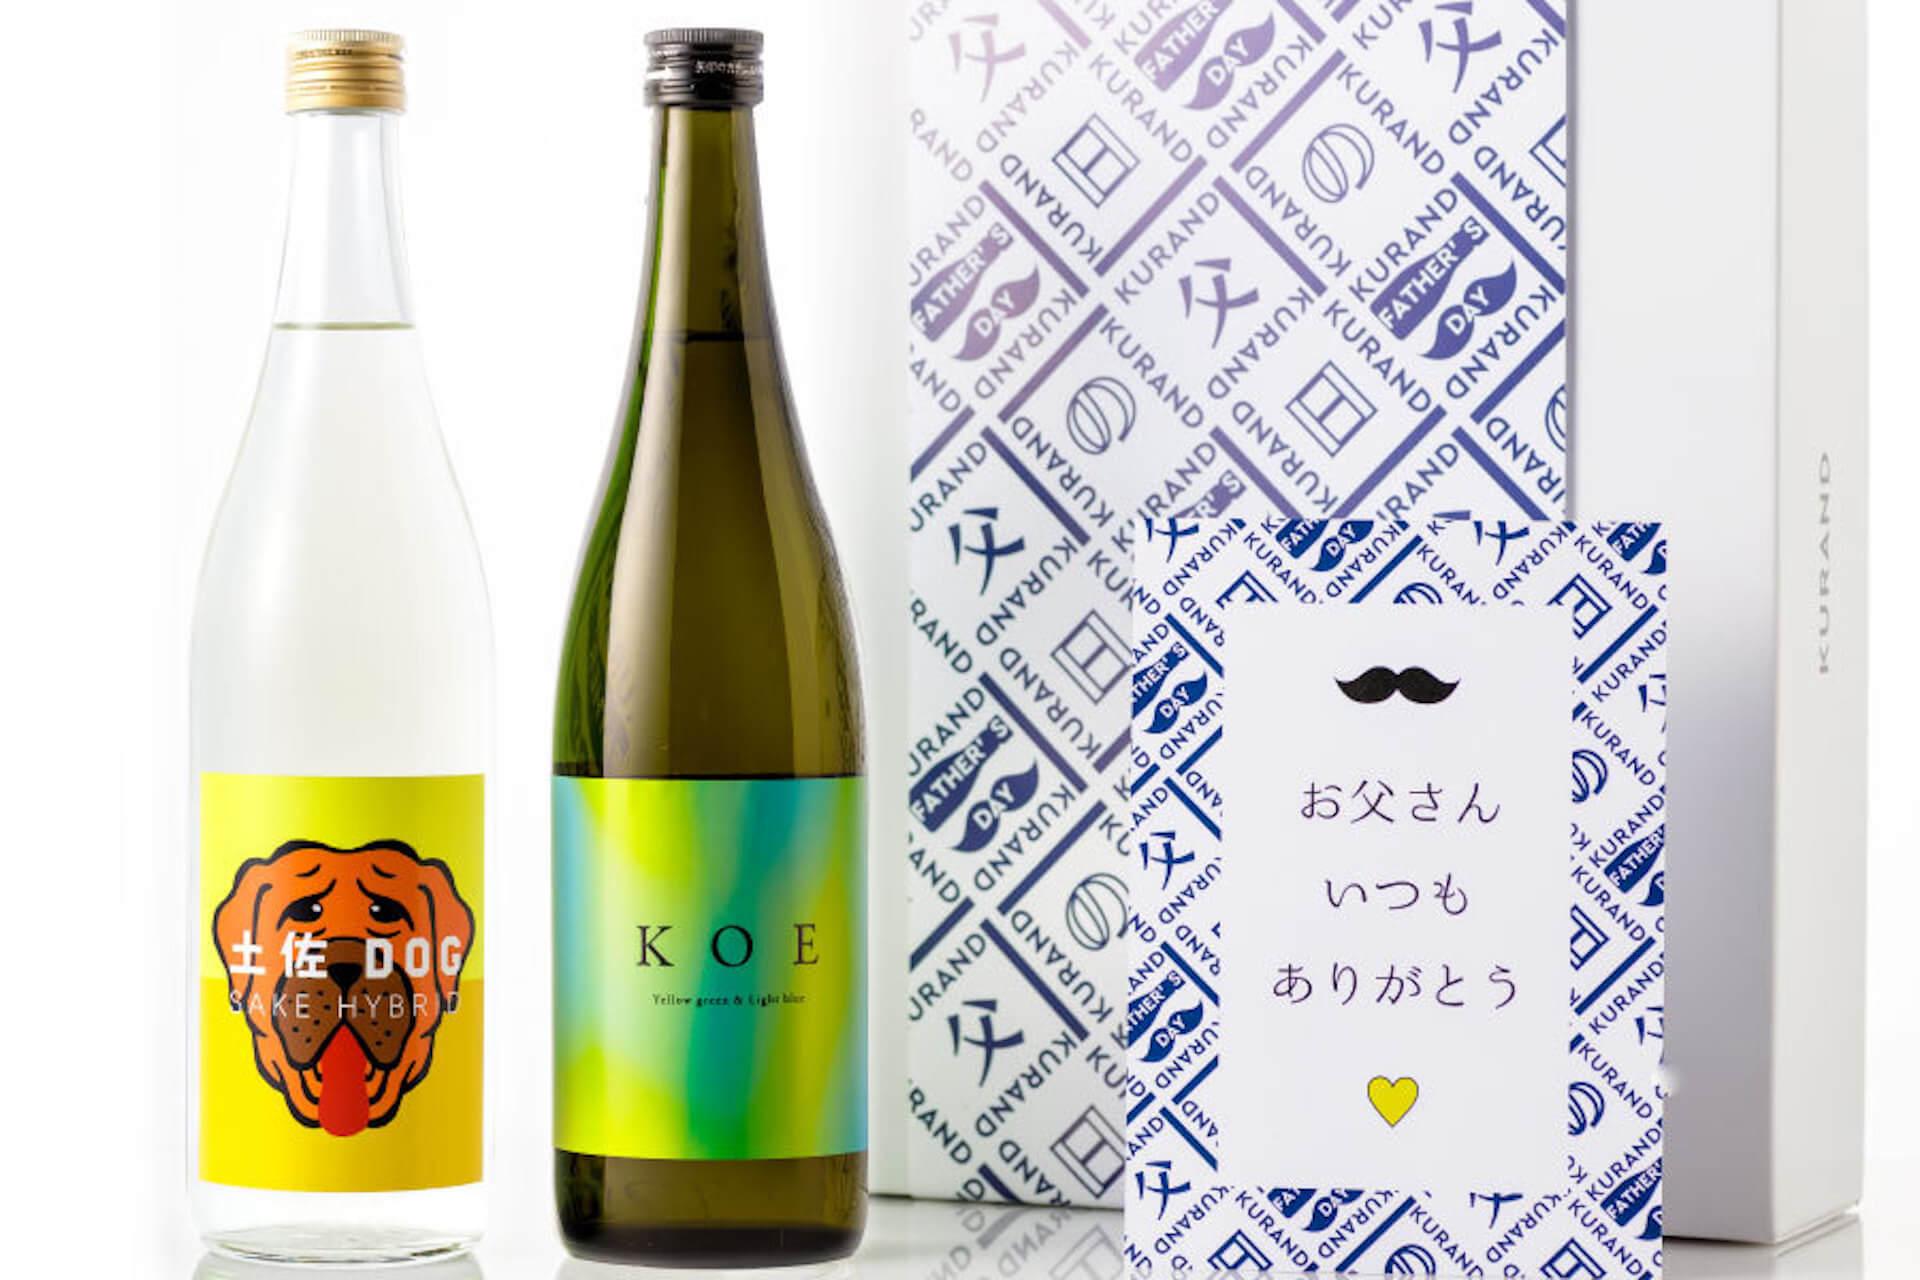 お好みのお酒を選べる「父の日酒ギフト」が登場!ビール・日本酒の飲み比べやプロが選ぶおつまみセットも gourmet_fathersdaygift_02